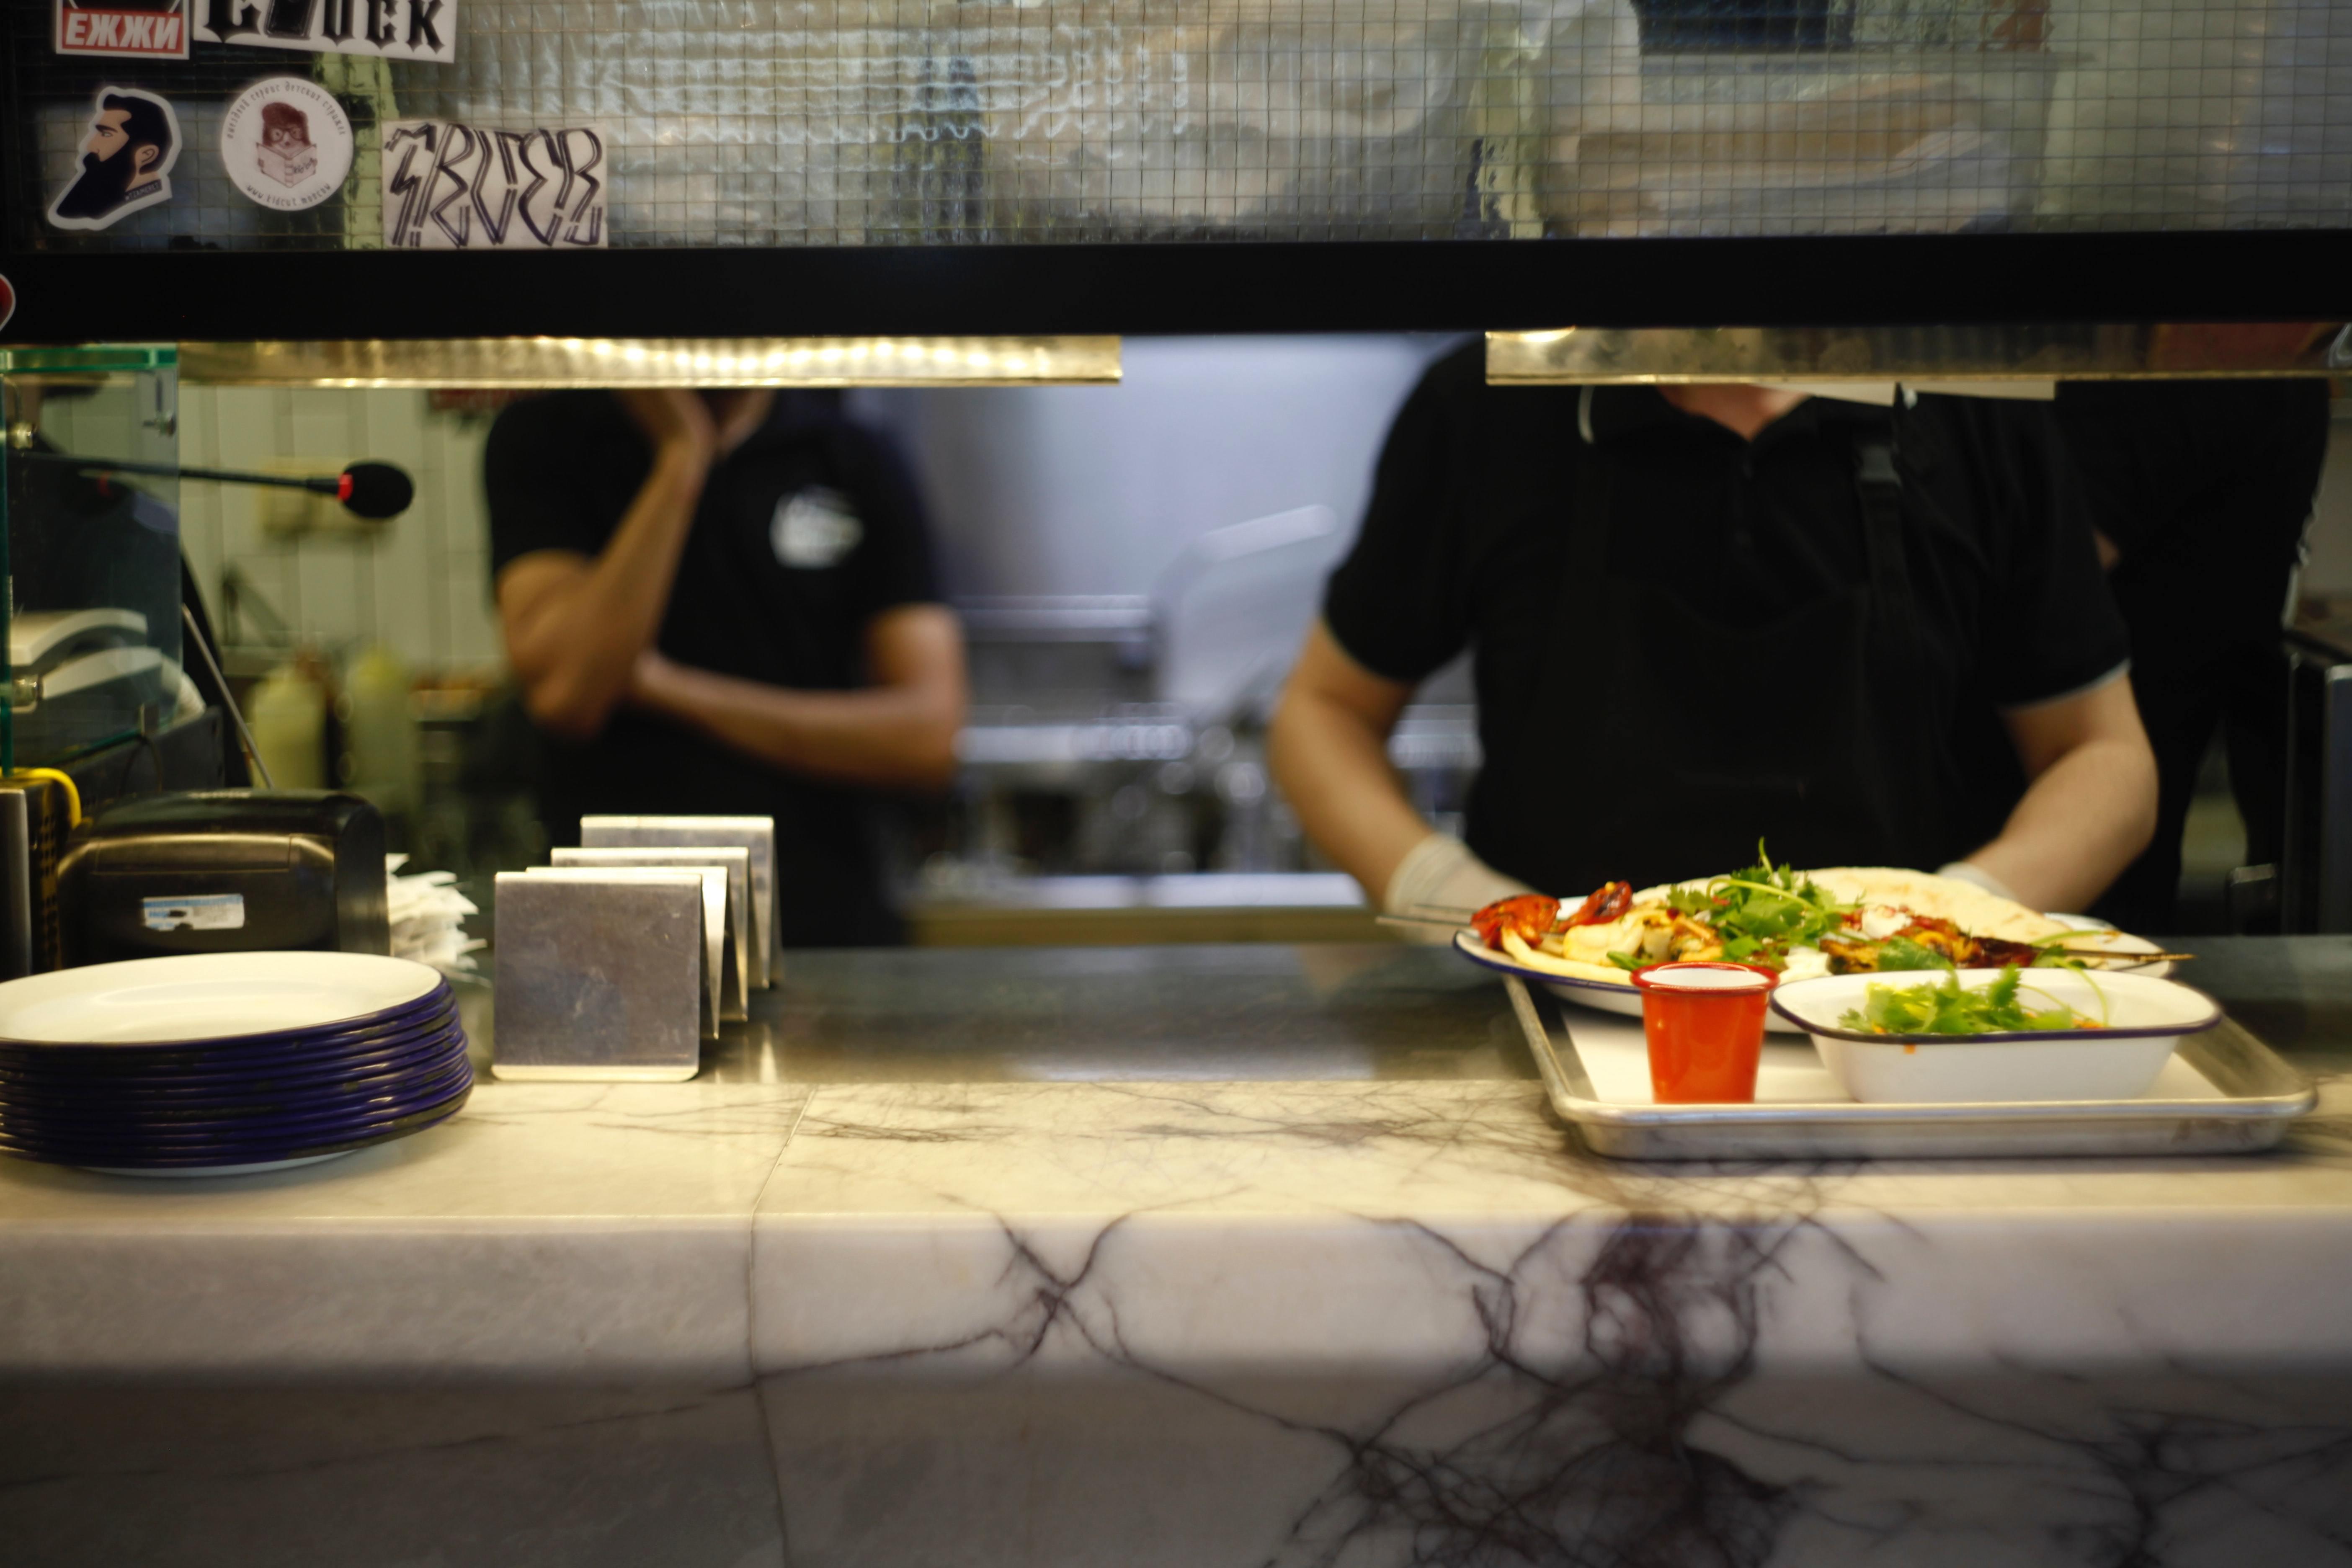 Mit Kantinen-Preisen ist es schwer zu konkurrieren. Nicht selten bekommst du für wenige Euros eine vollwertige Mahlzeit samt Salat. Definitiv eine Alternative zum Kochen, aber nicht immer!